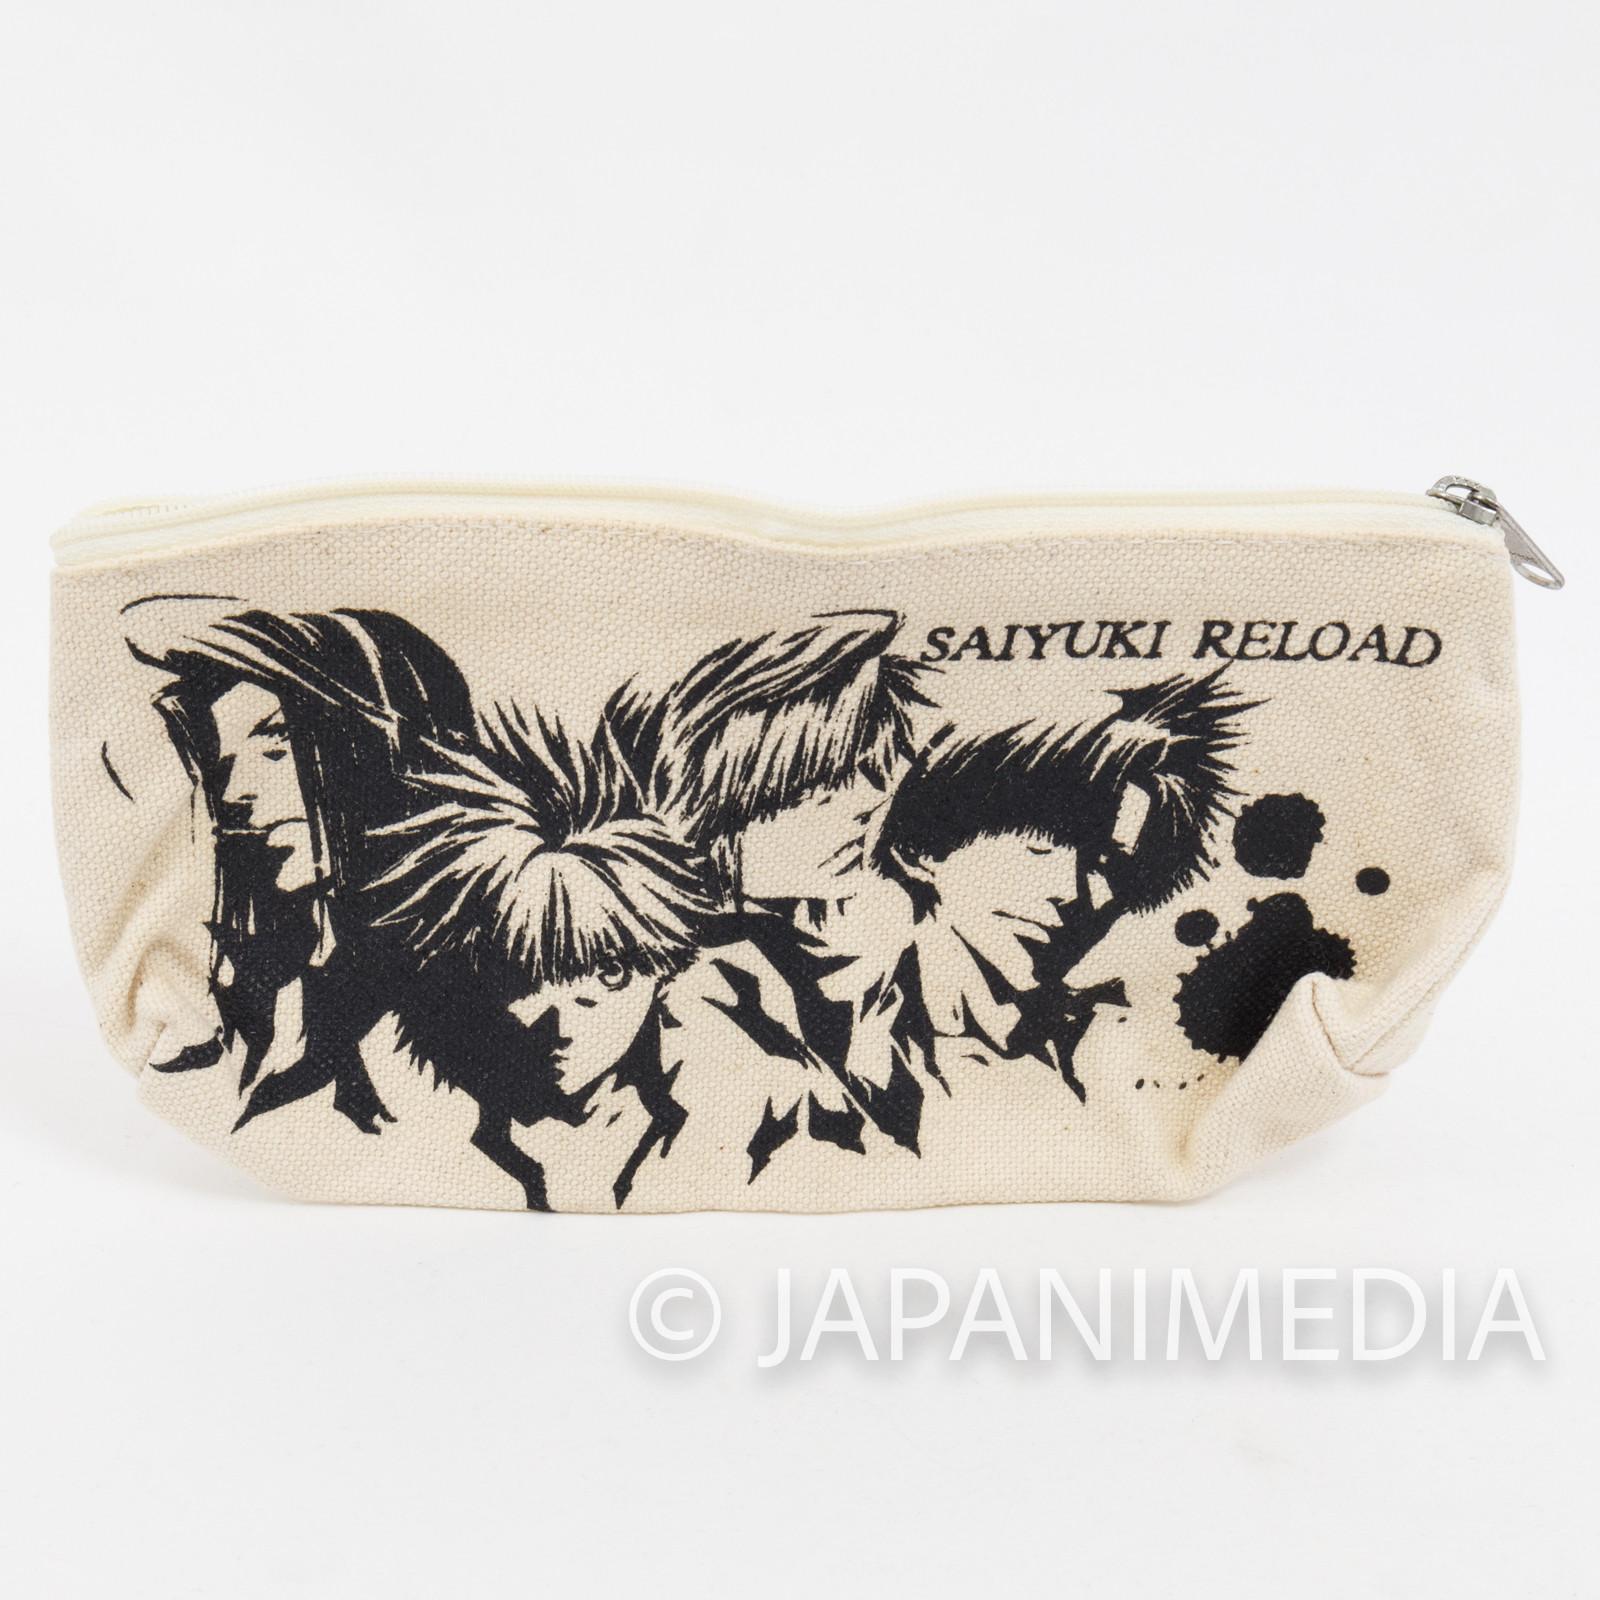 SAIYUKI Reload Soft Pen Case Kazuya Minekura JAPAN ANIME